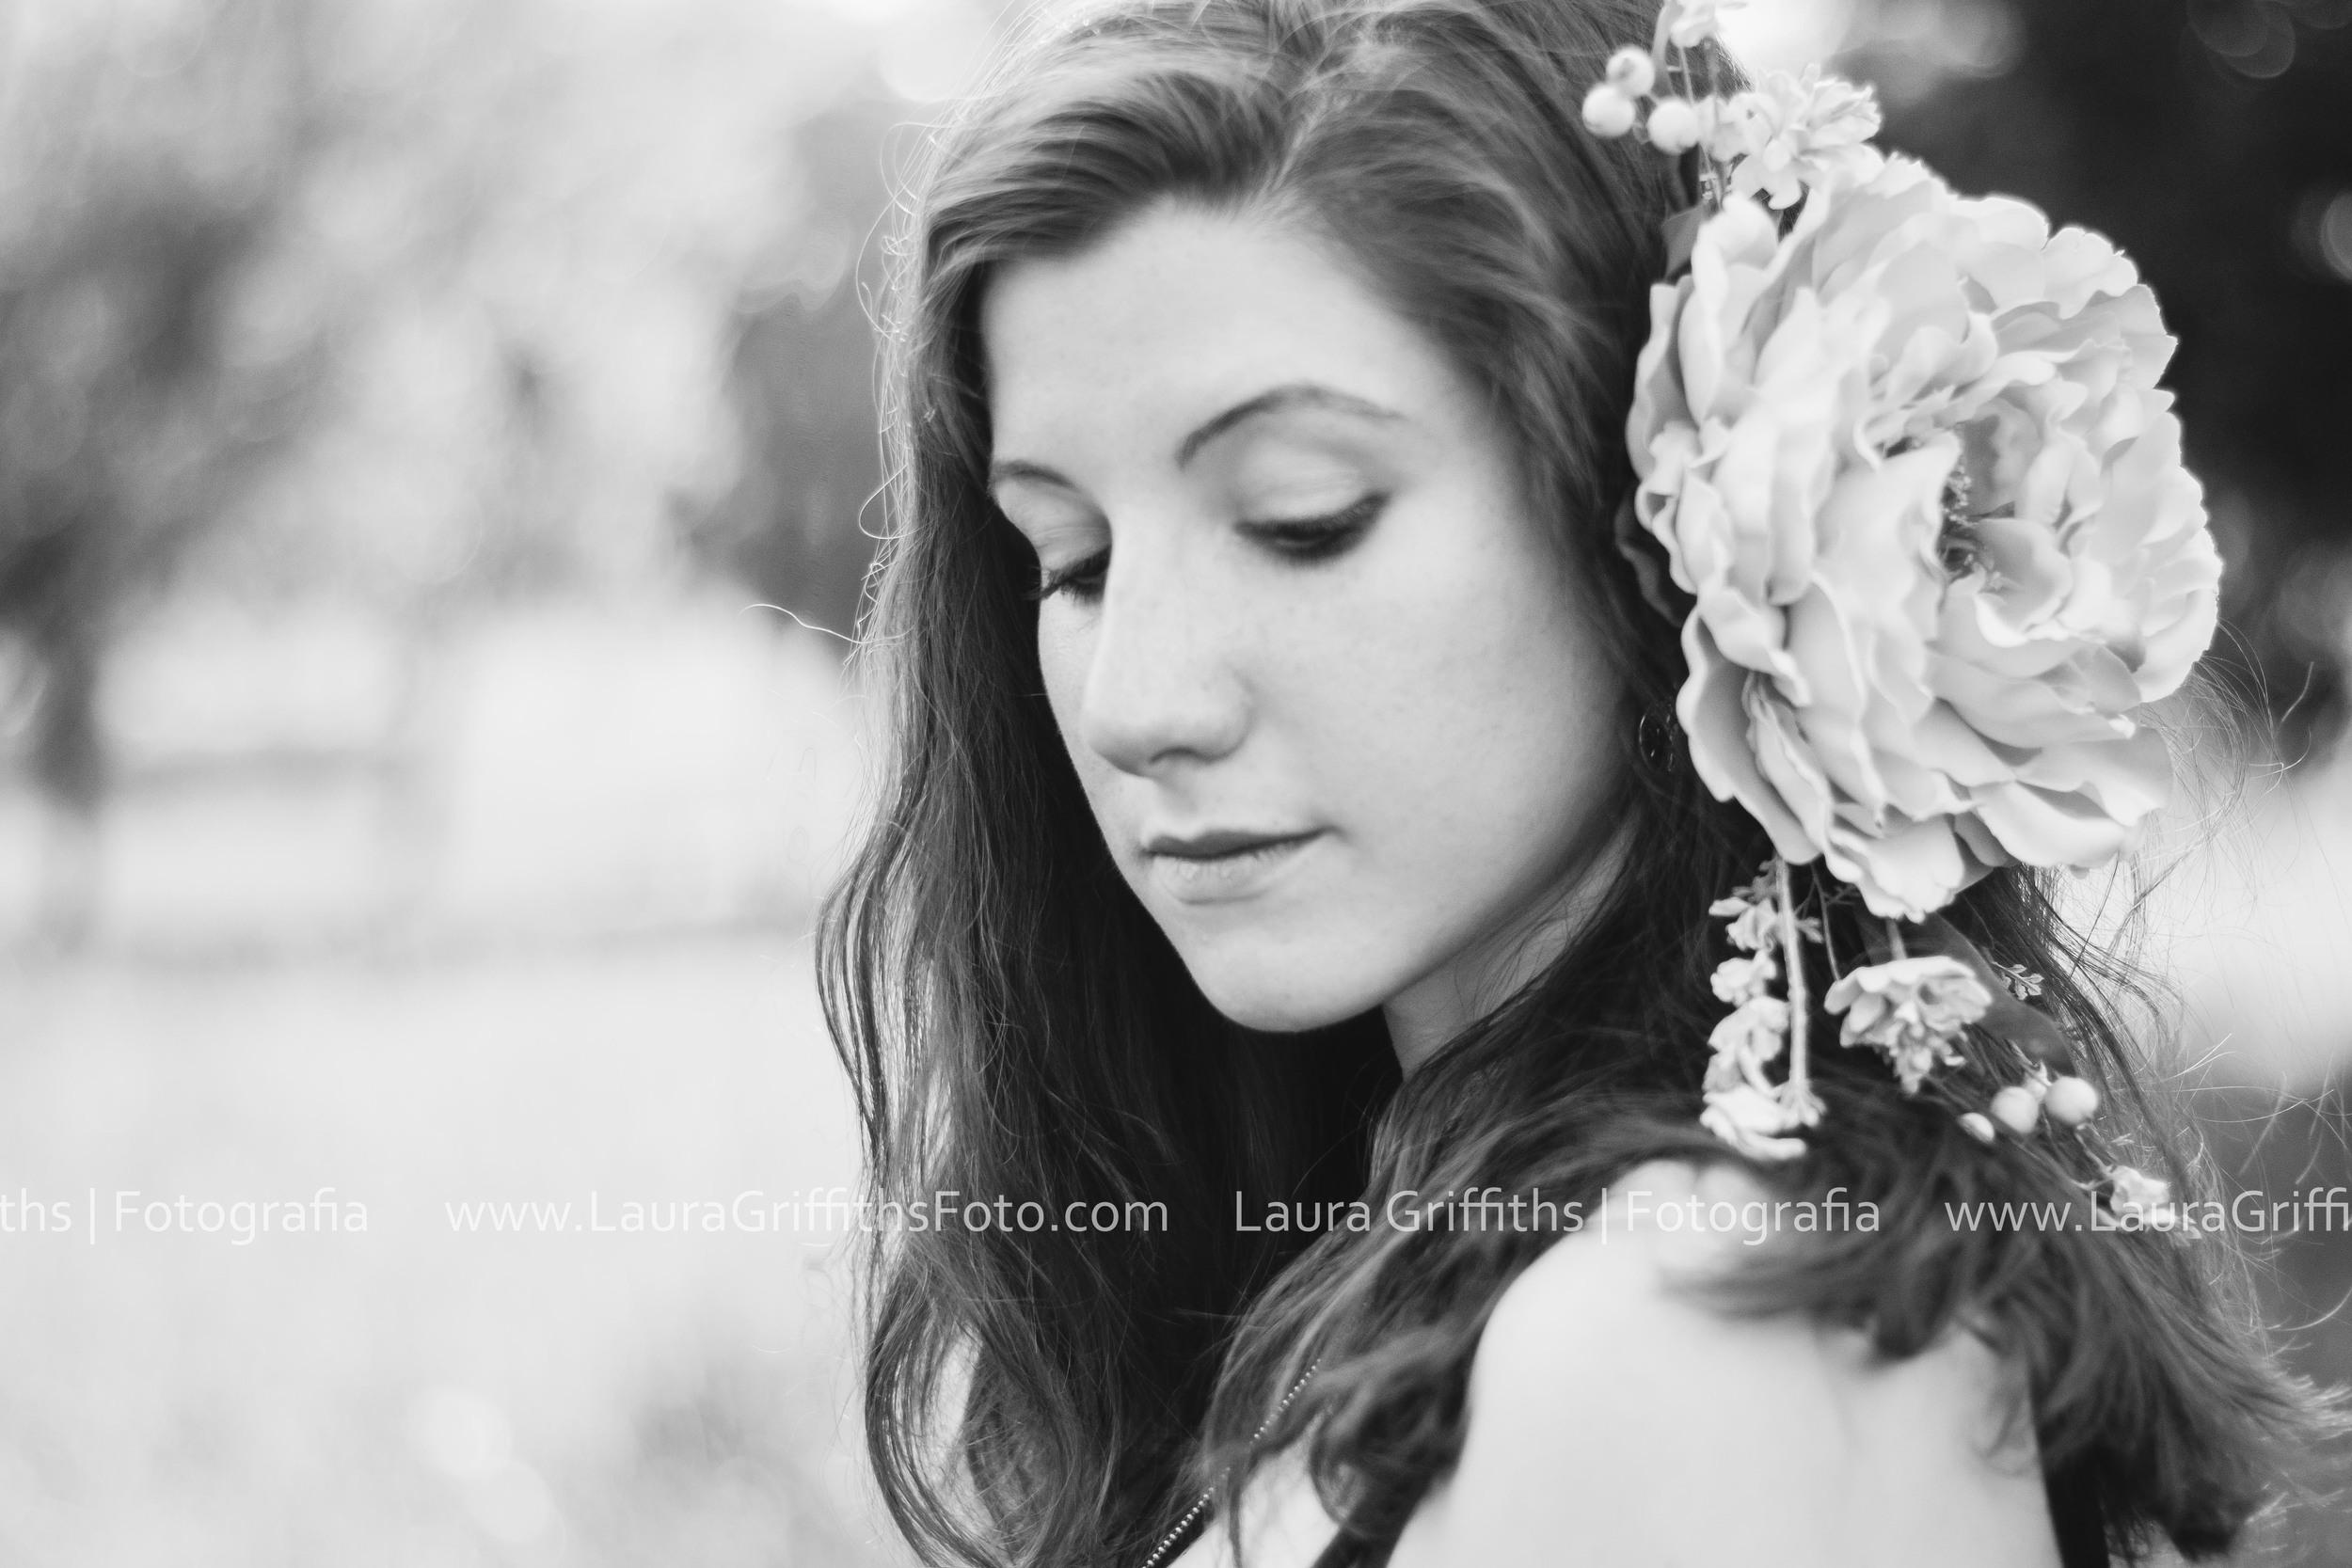 ritratti fotografo Torino / Turin laura griffiths fotografia modella photographer